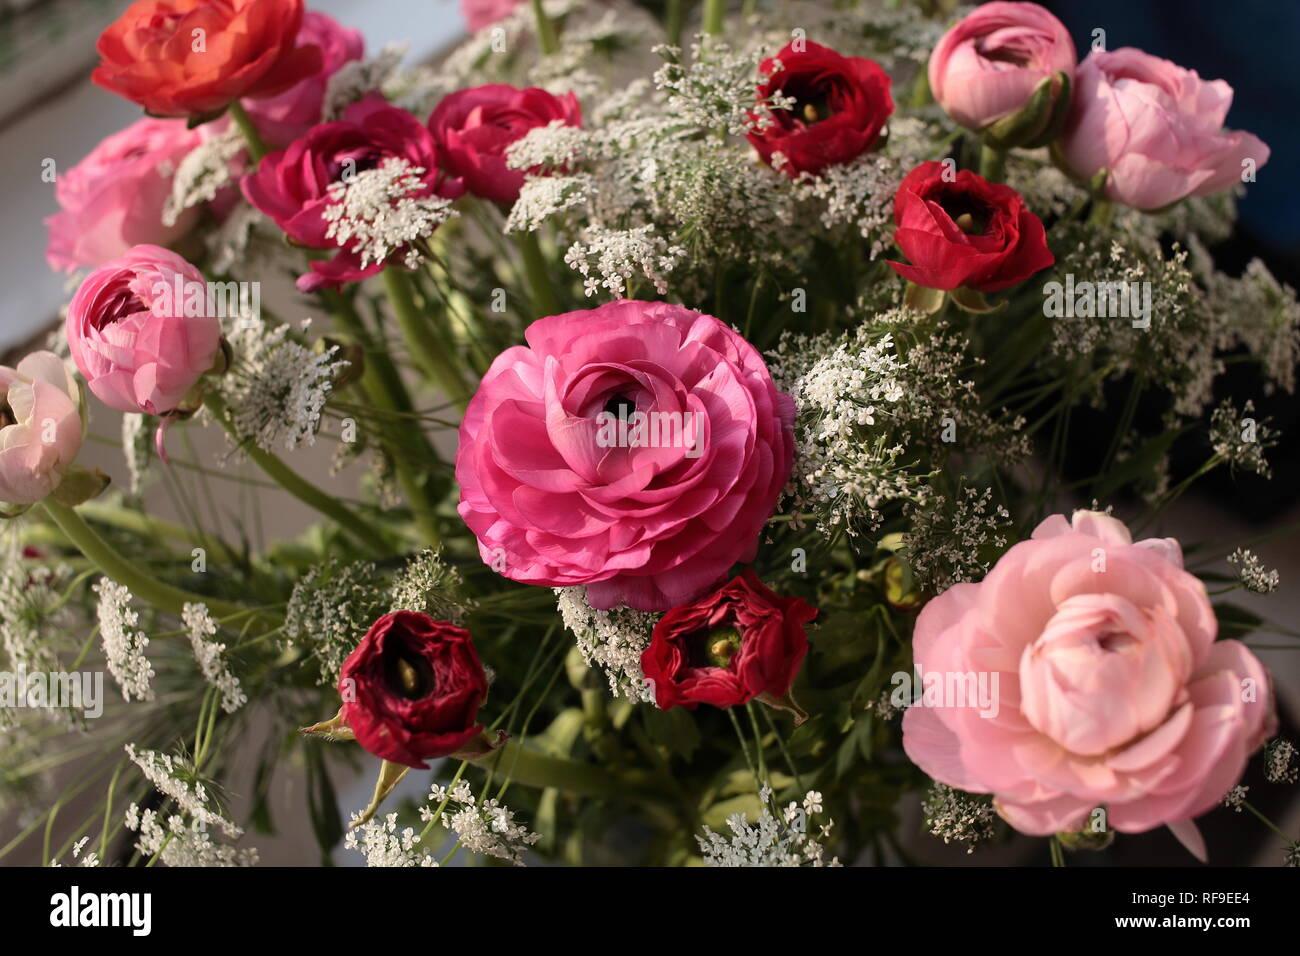 Peonies Flowers Purple Peony Stock Photos Peonies Flowers Purple